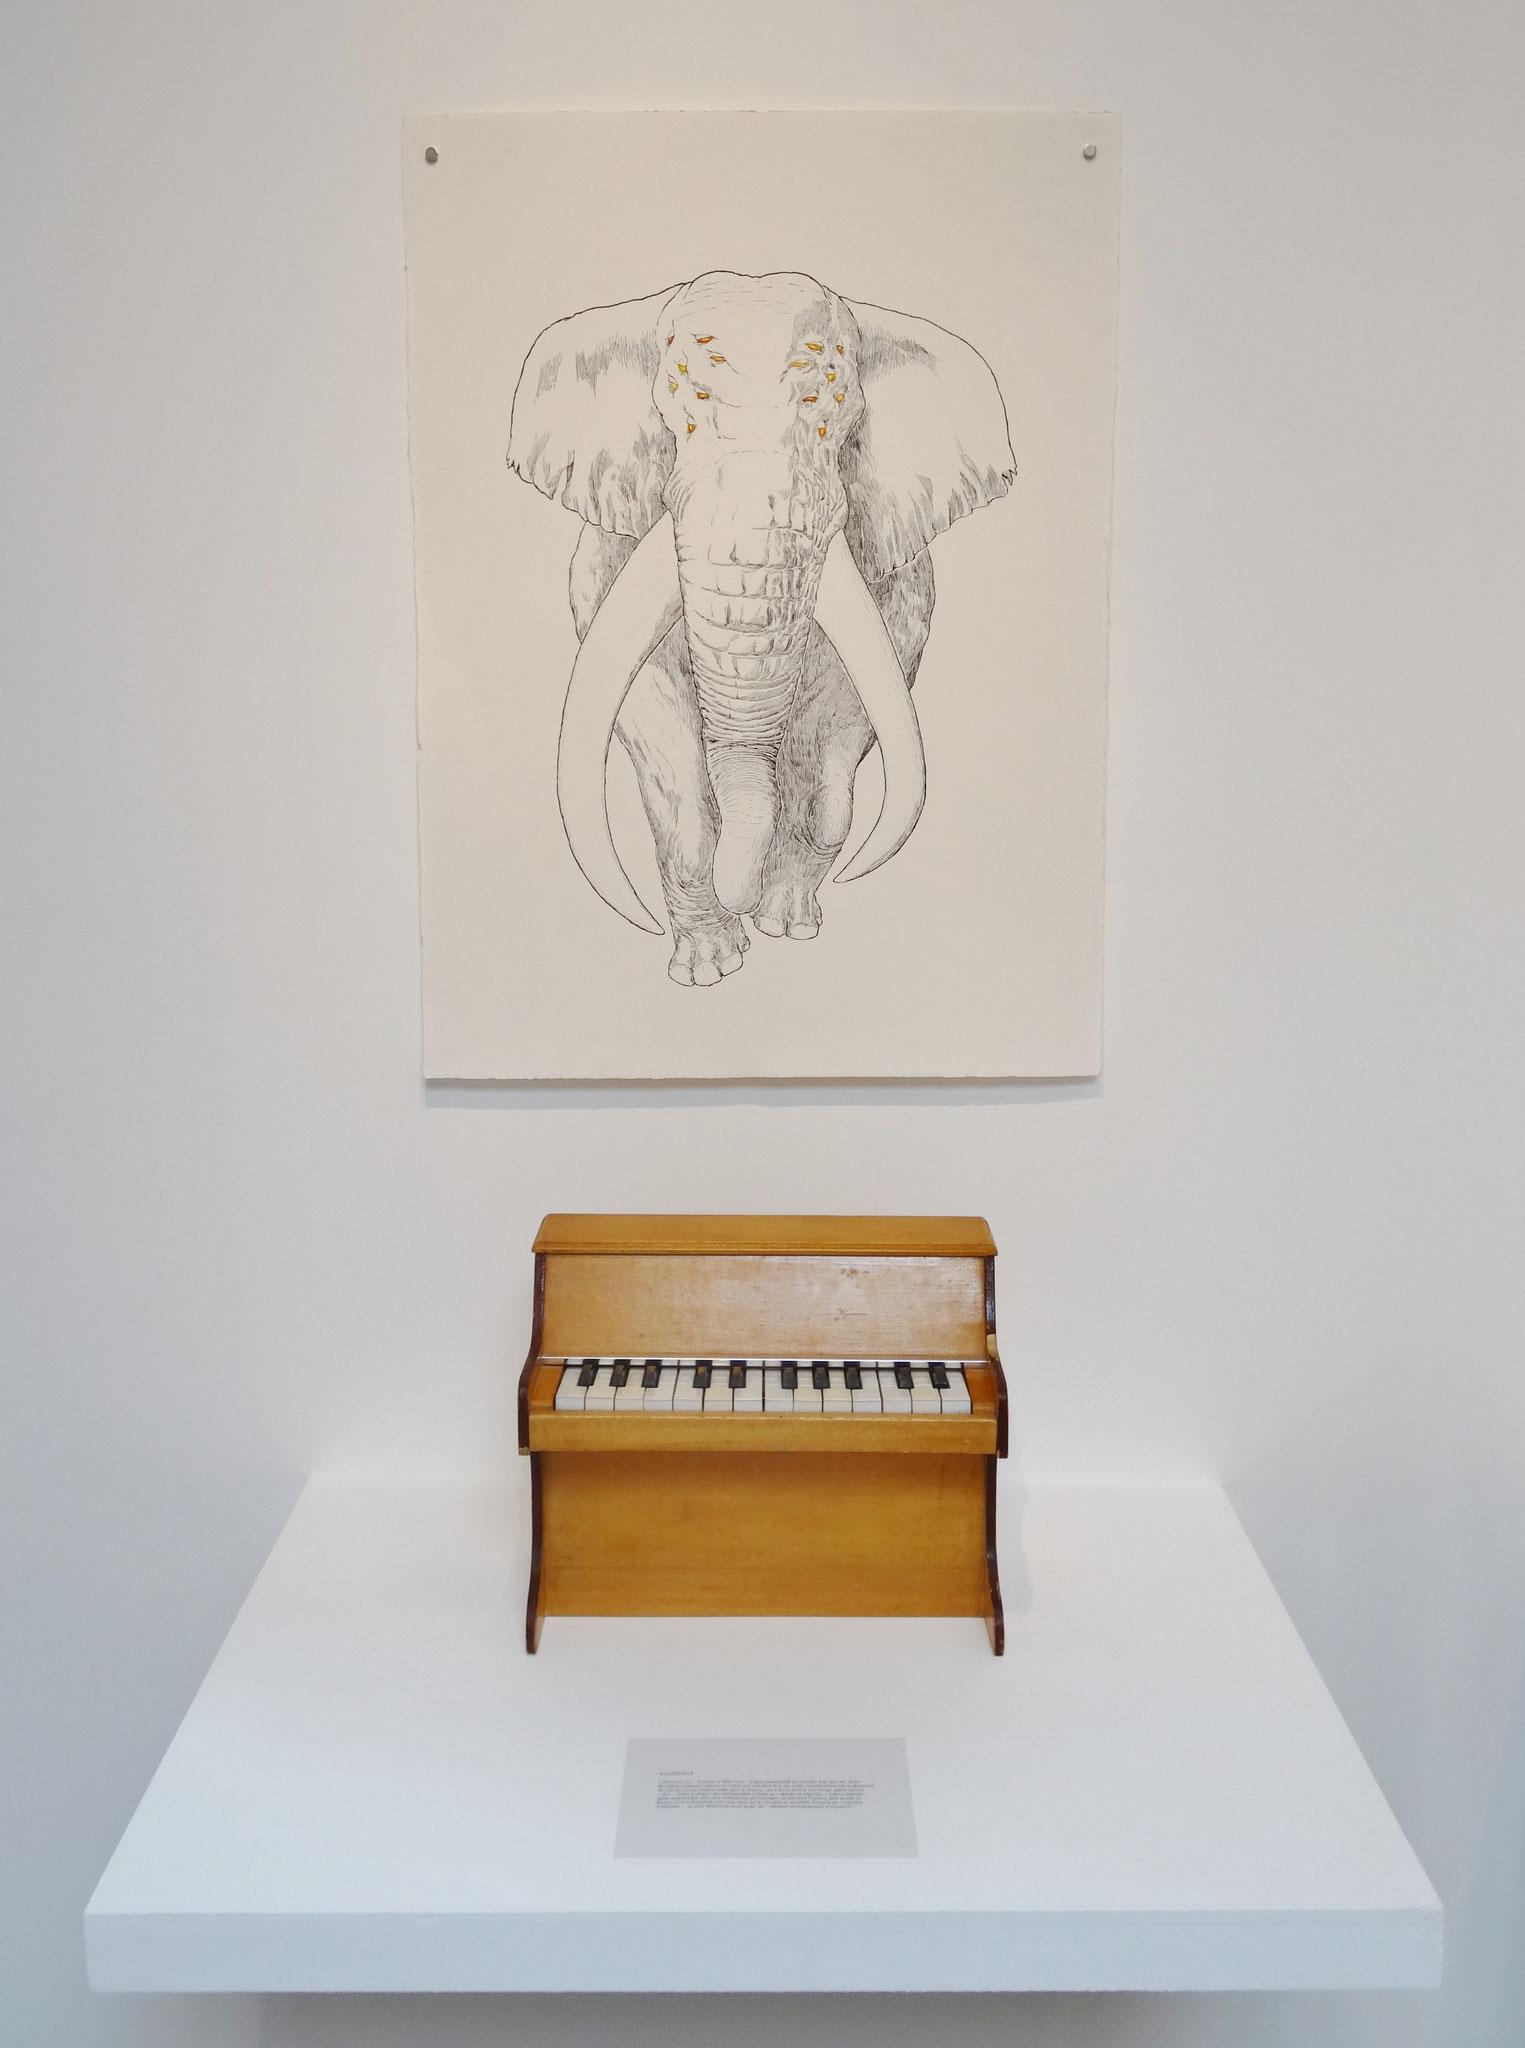 Noël Rasendrason, Asudorus, 2016. Encre sur papier Arches 300 gr., 56 × 72 cm.